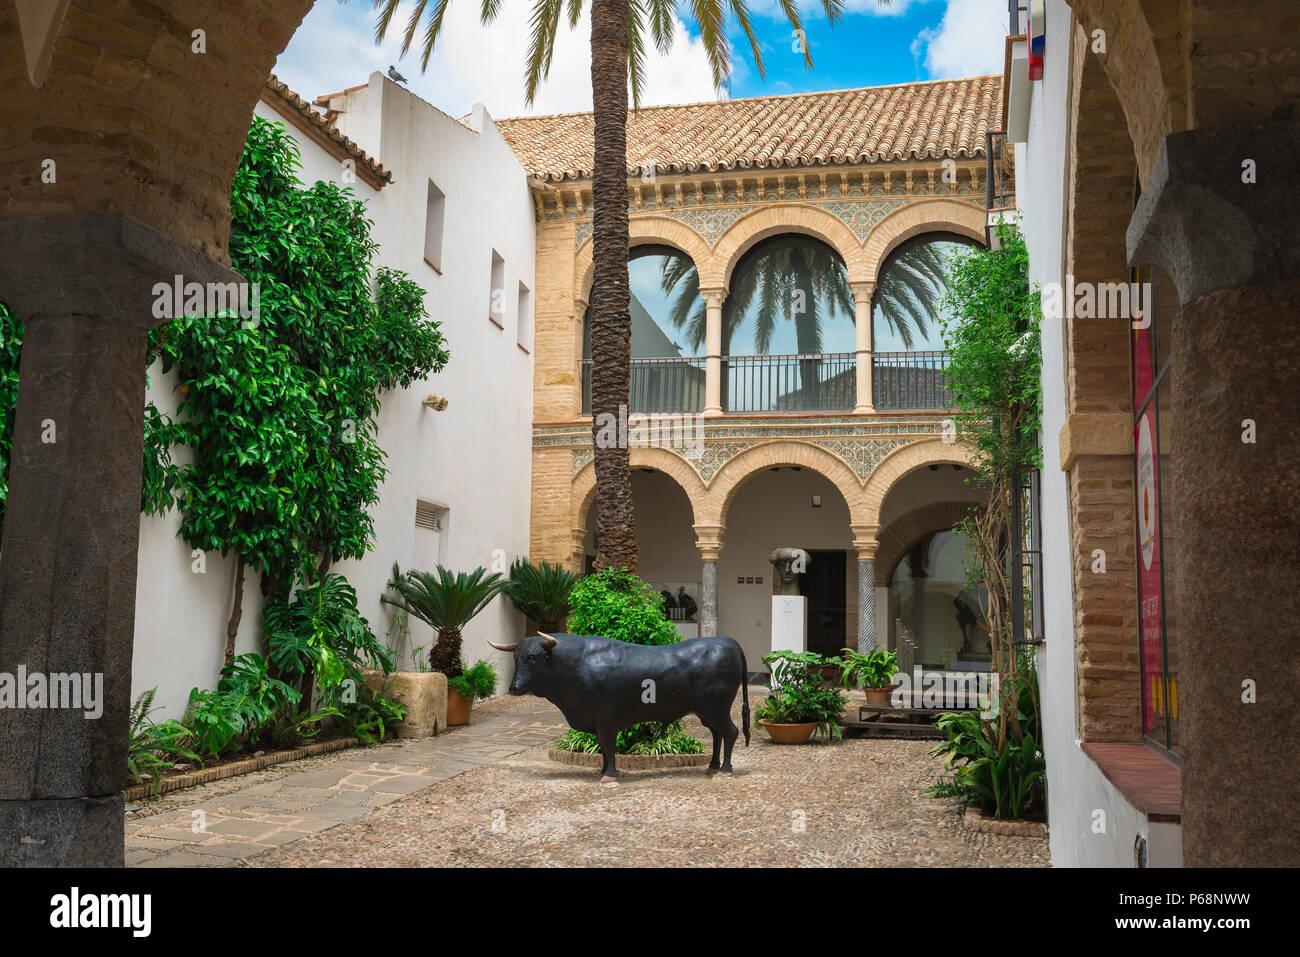 Cordoba Taurino, Blick auf die typisch andalusischen Innenhof der Stierkampf Museum (Museo Taurino) in Córdoba (Córdoba), Andalusien, Spanien. Stockbild